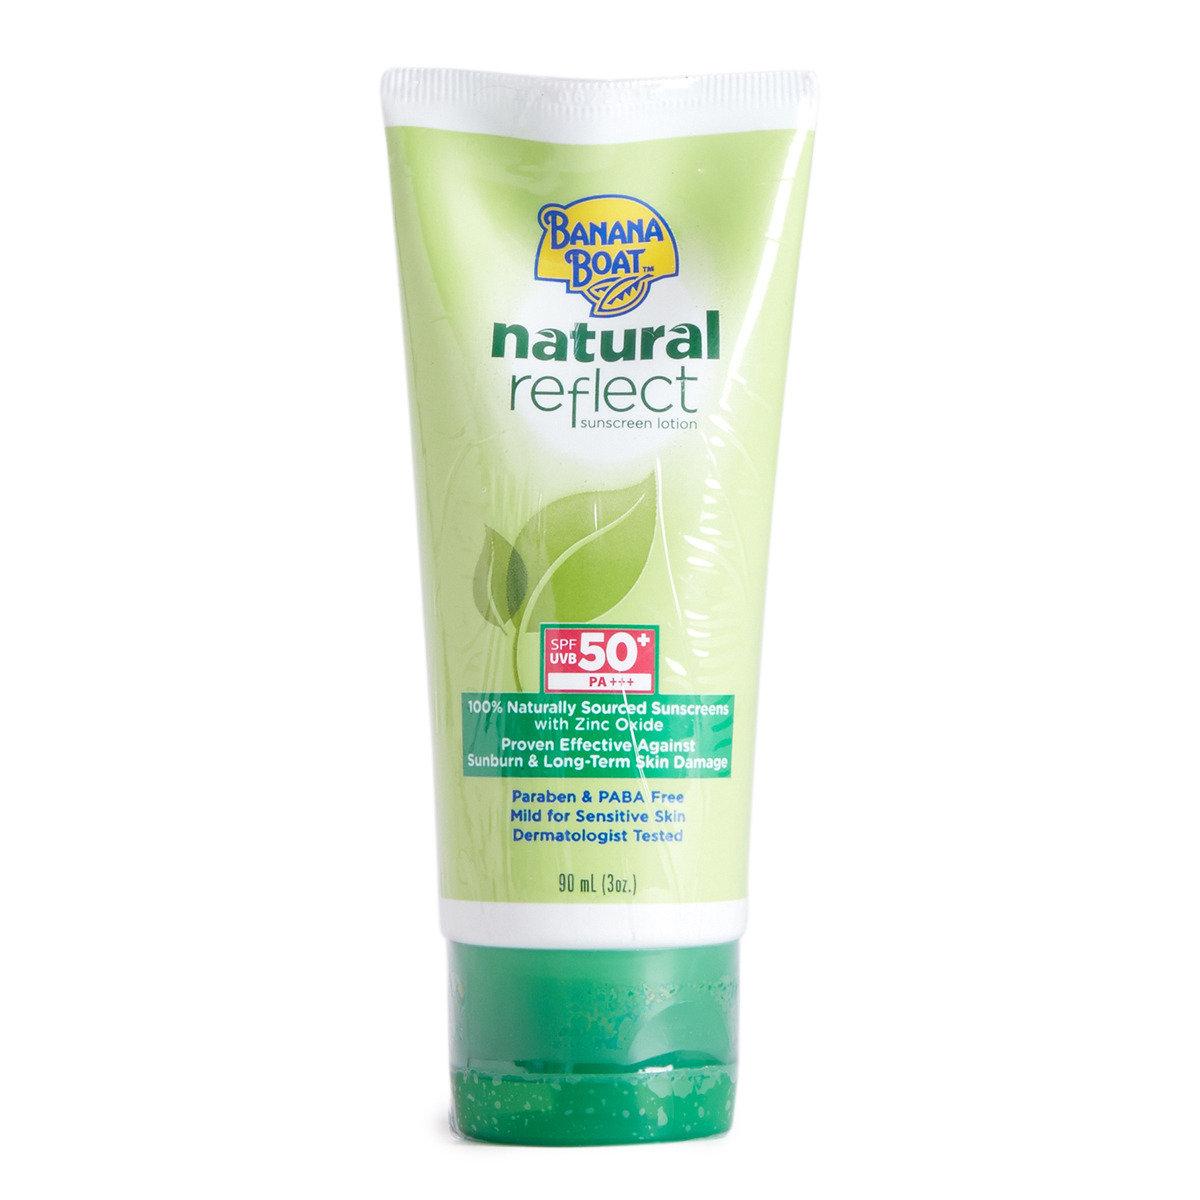 天然防曬乳 SPF50